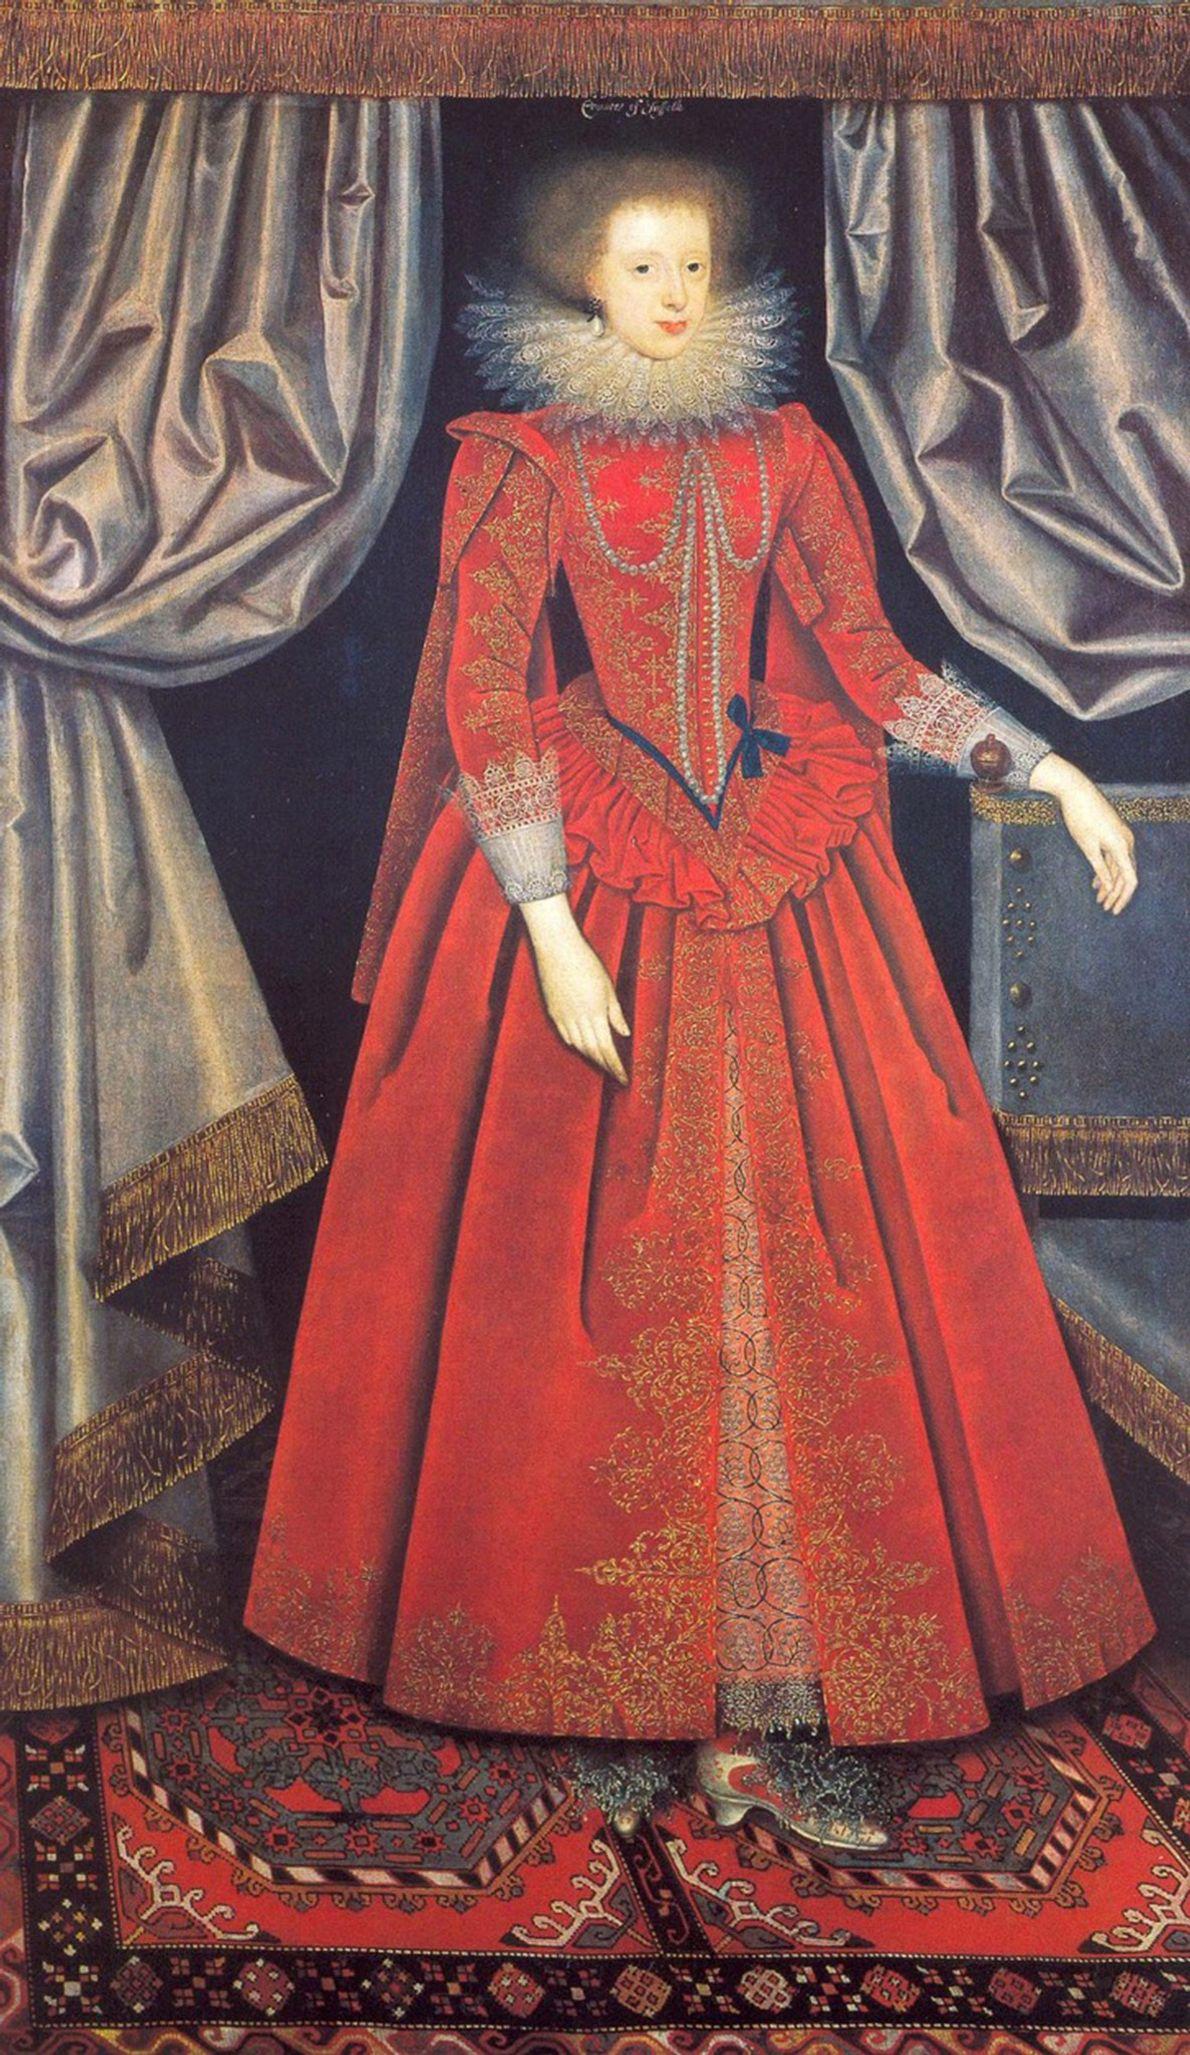 Fotografia de um quadro de Catherine Knevet, Condesa de Suffolk